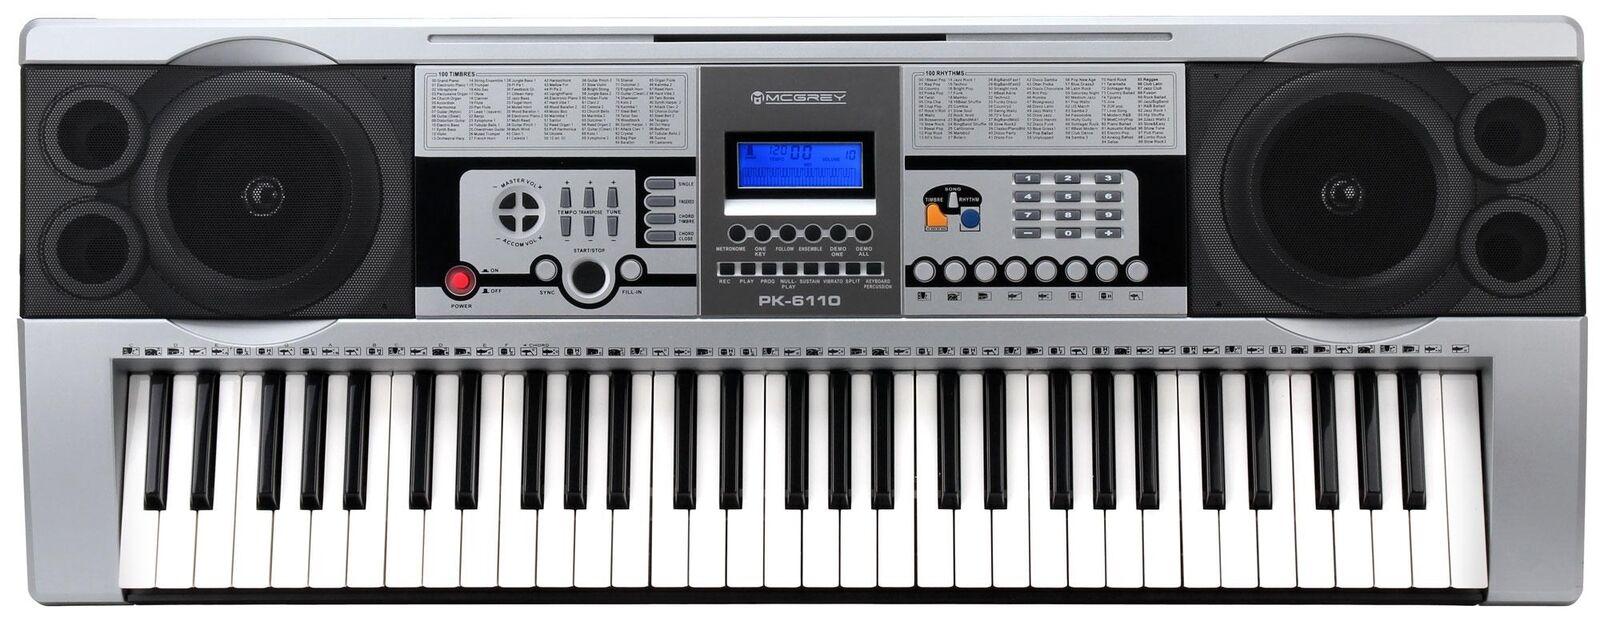 servicio considerado Clase 61 teclas Keyboard con aprendizaje 100 sonidos sonidos sonidos y ritmos pantalla LCD  Los mejores precios y los estilos más frescos.